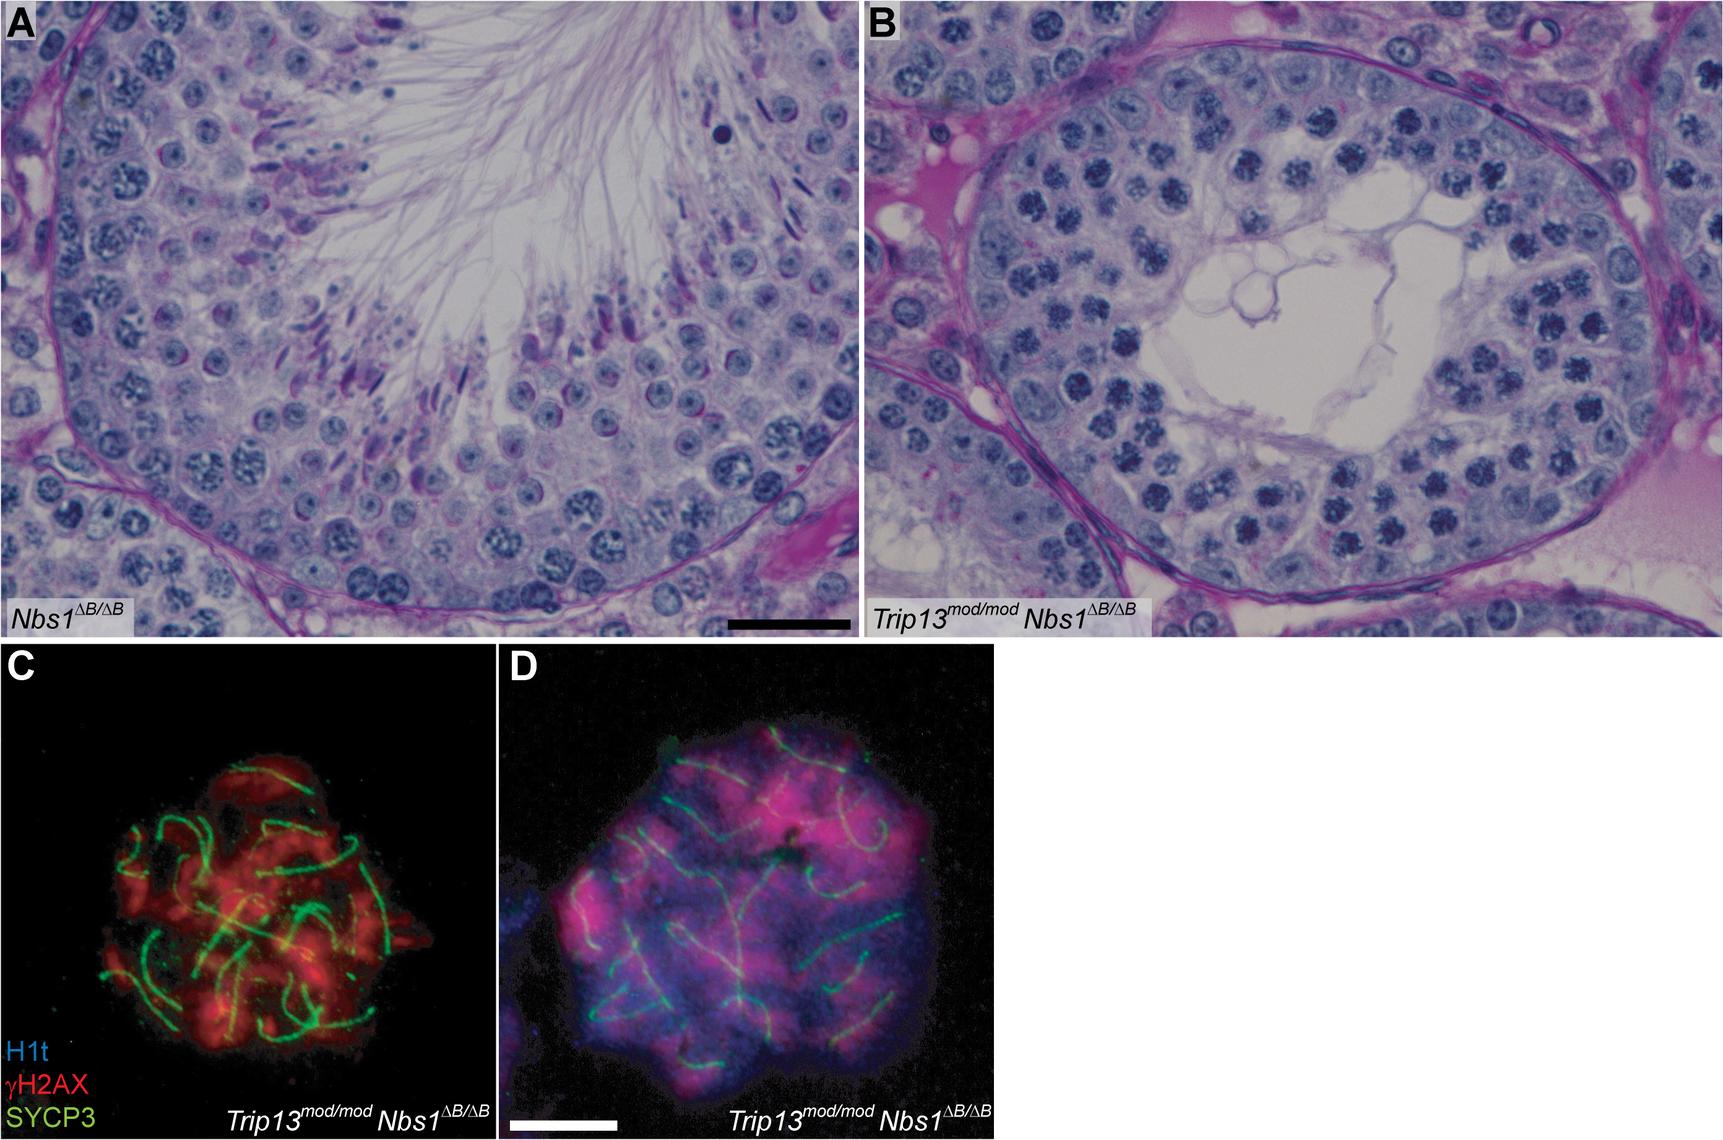 <i>Trip13</i><sup><i>mod/mod</i></sup> <i>Nbs1</i><sup><i>ΔB/ΔB</i></sup> spermatocytes arrest in mid/late pachynema with unrepaired DSBs at epithelial stage IV.